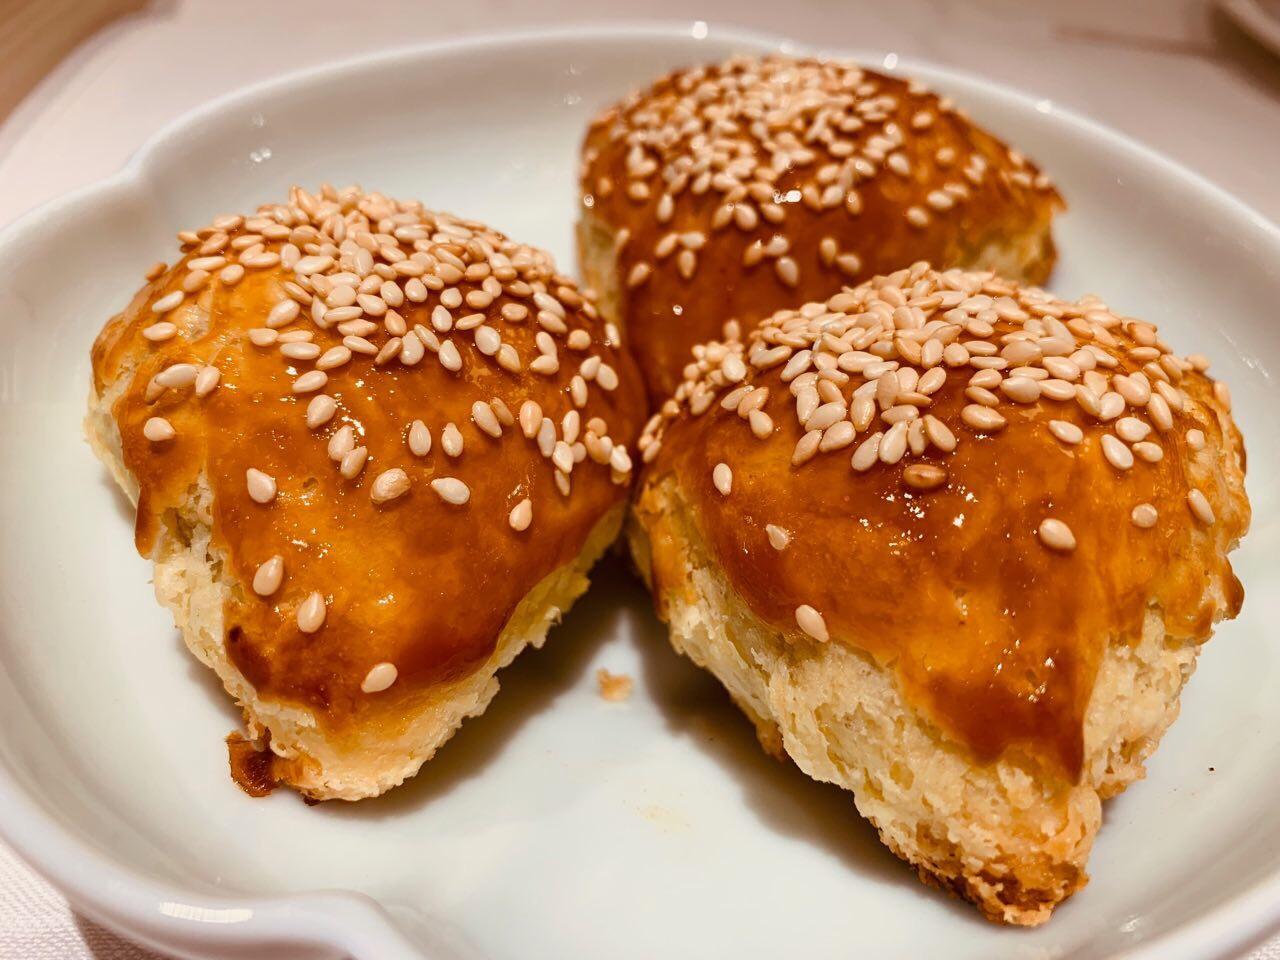 ヴェニソンパフ-鹿肉のパイ包